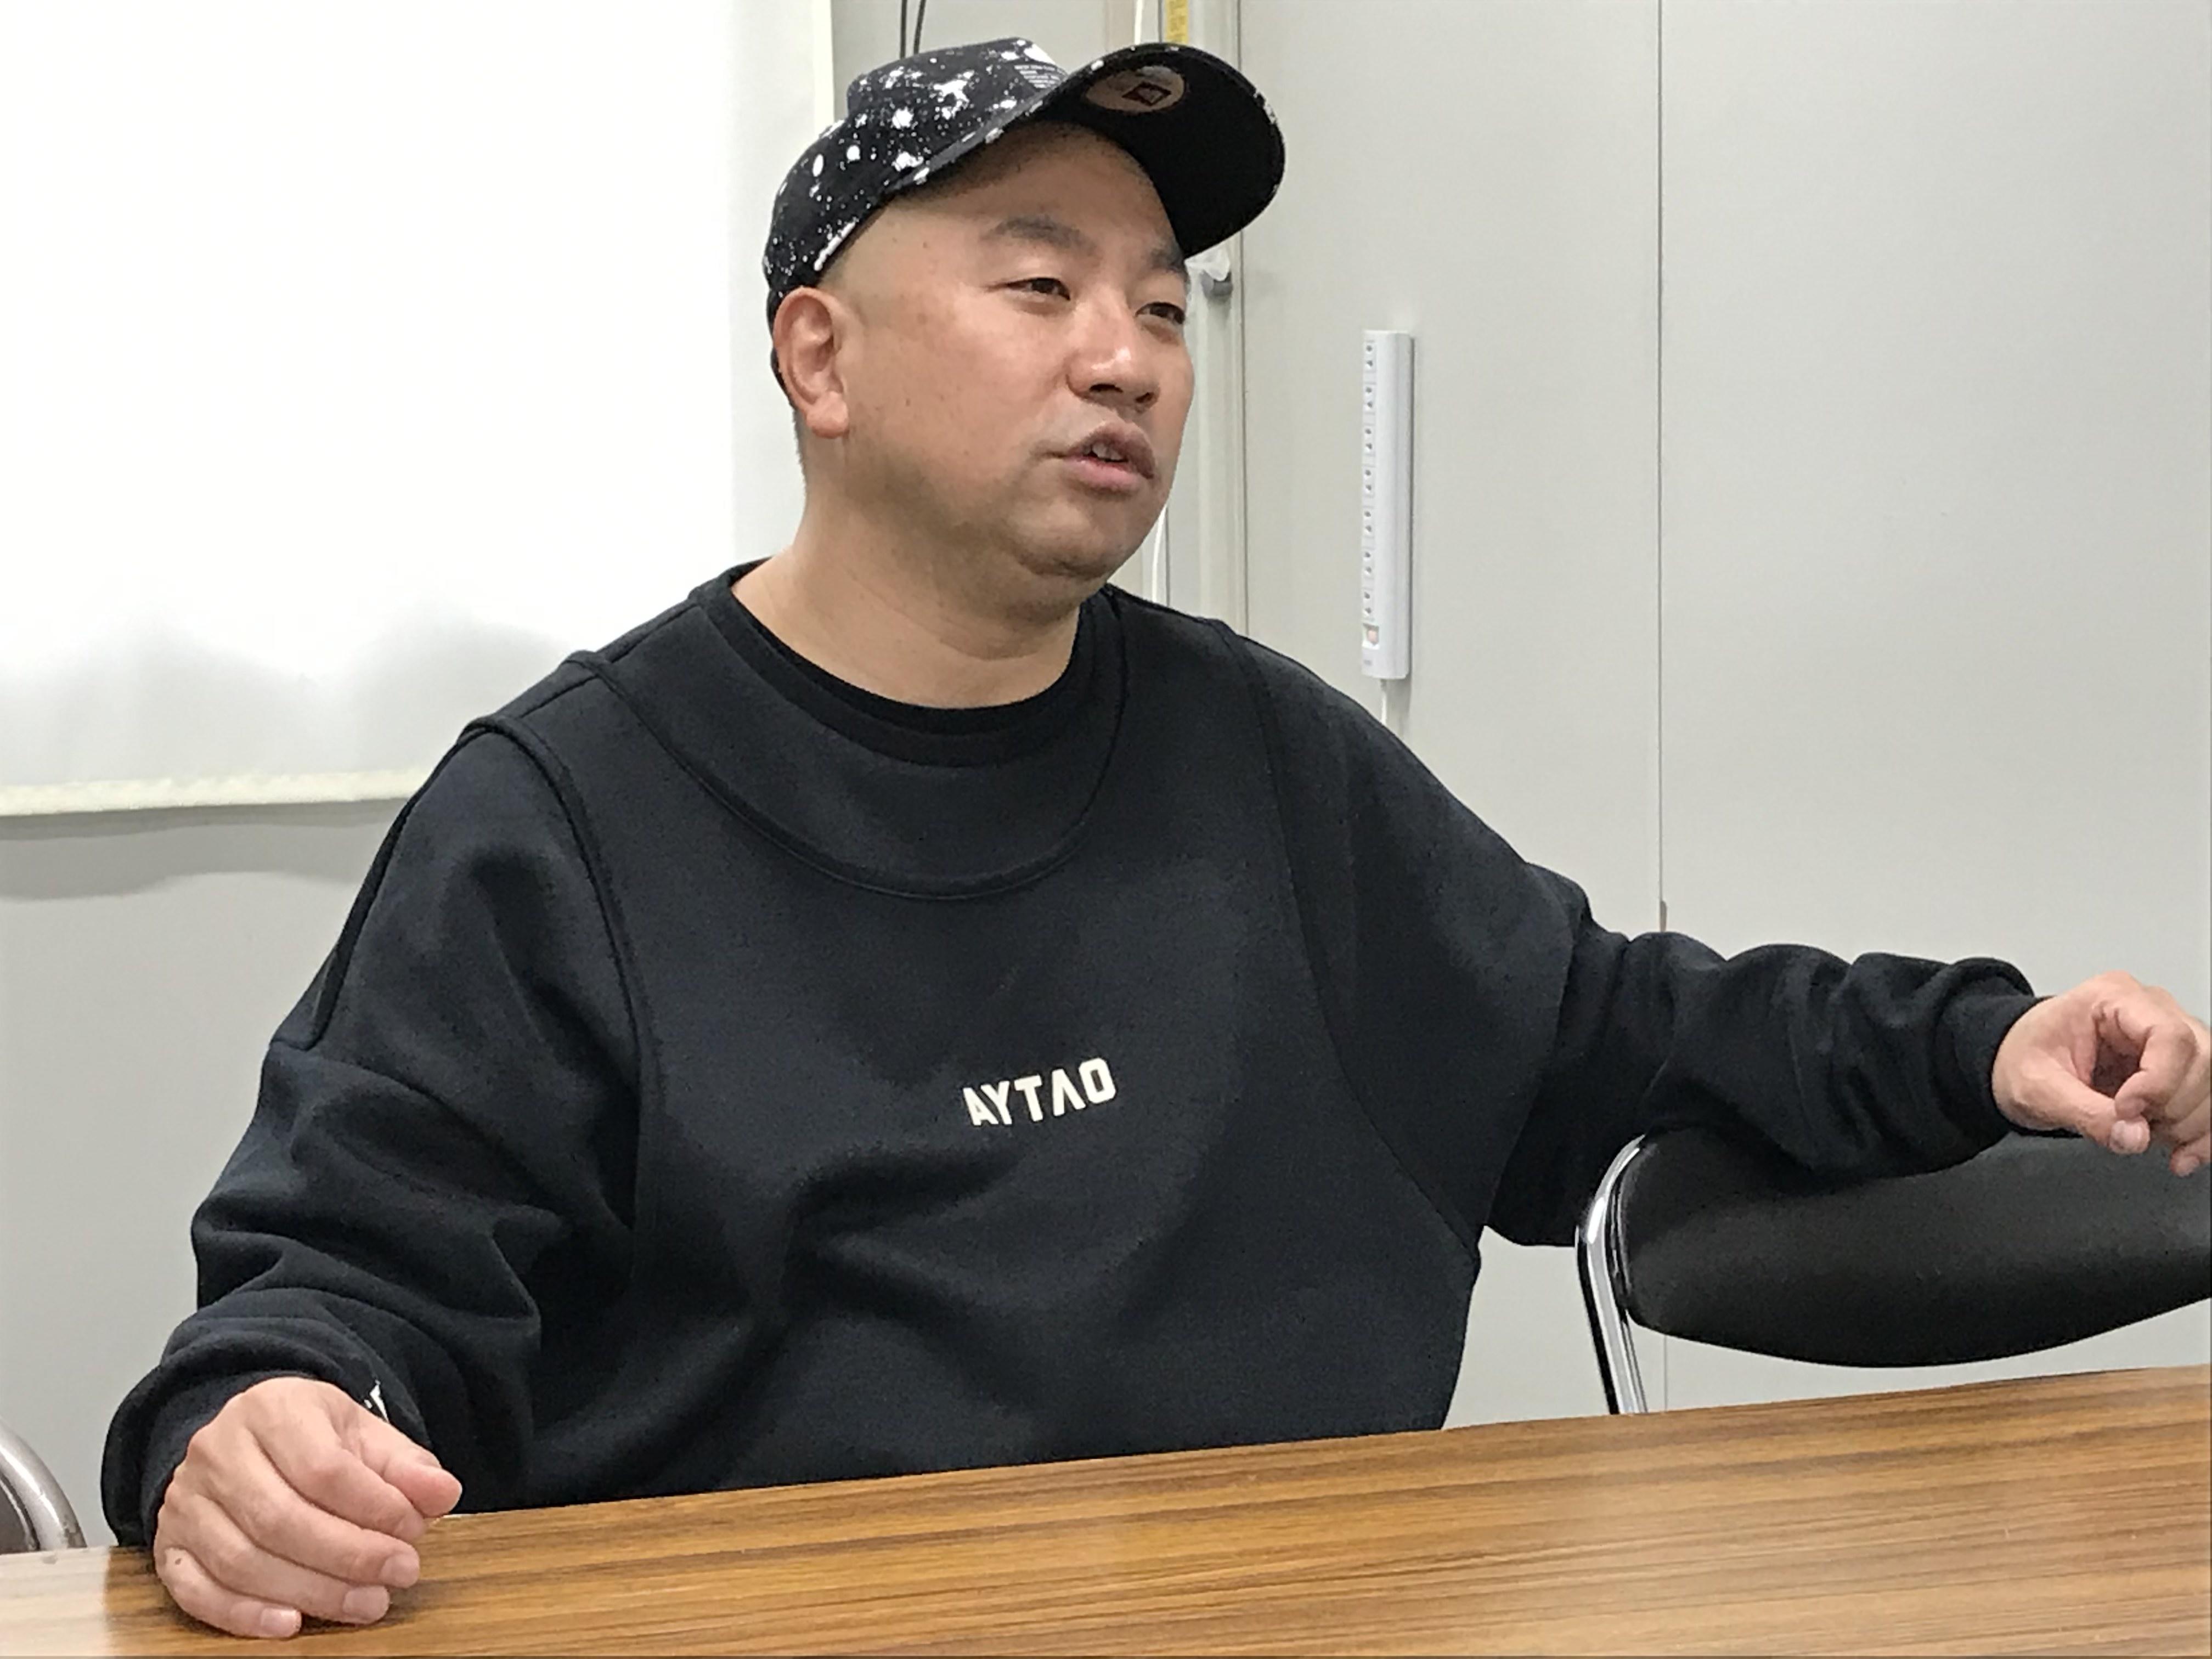 http://news.yoshimoto.co.jp/20181203160917-198905ffffc2a5bc1eb10f0859d6702c71be2735.jpg